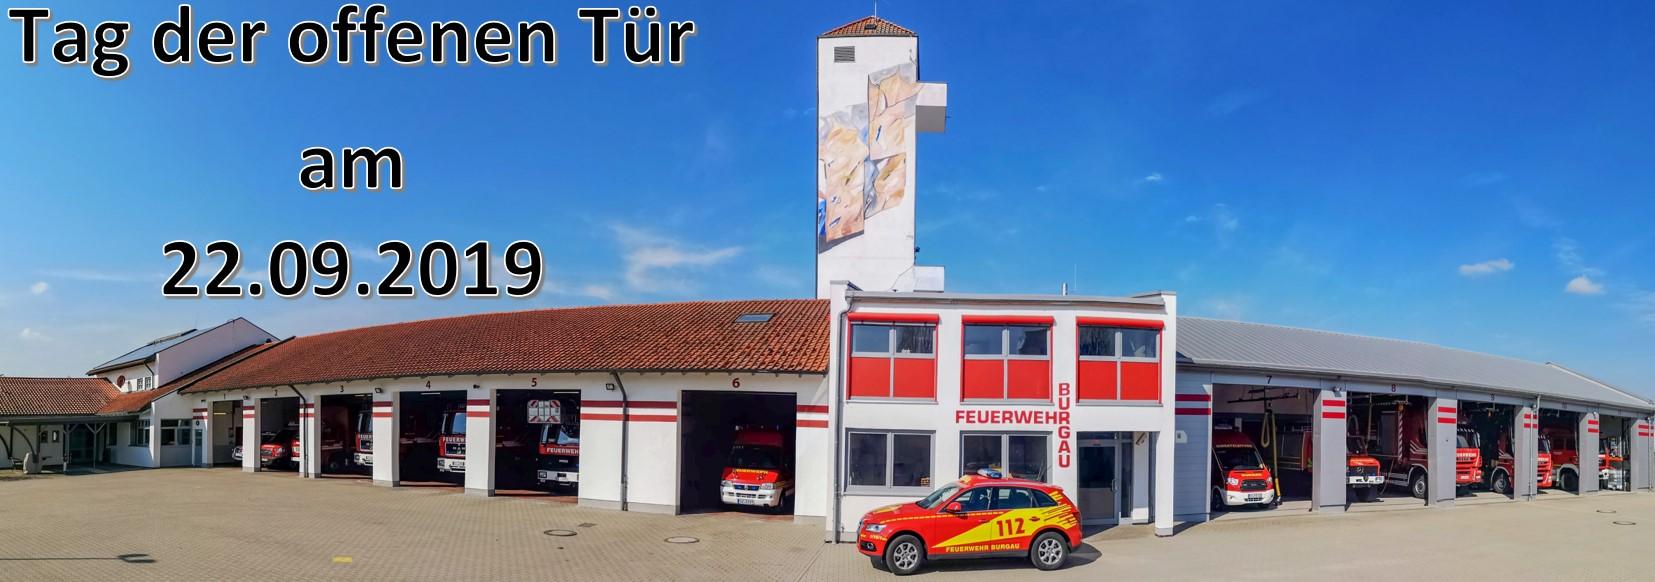 Feuerwehr Burgau